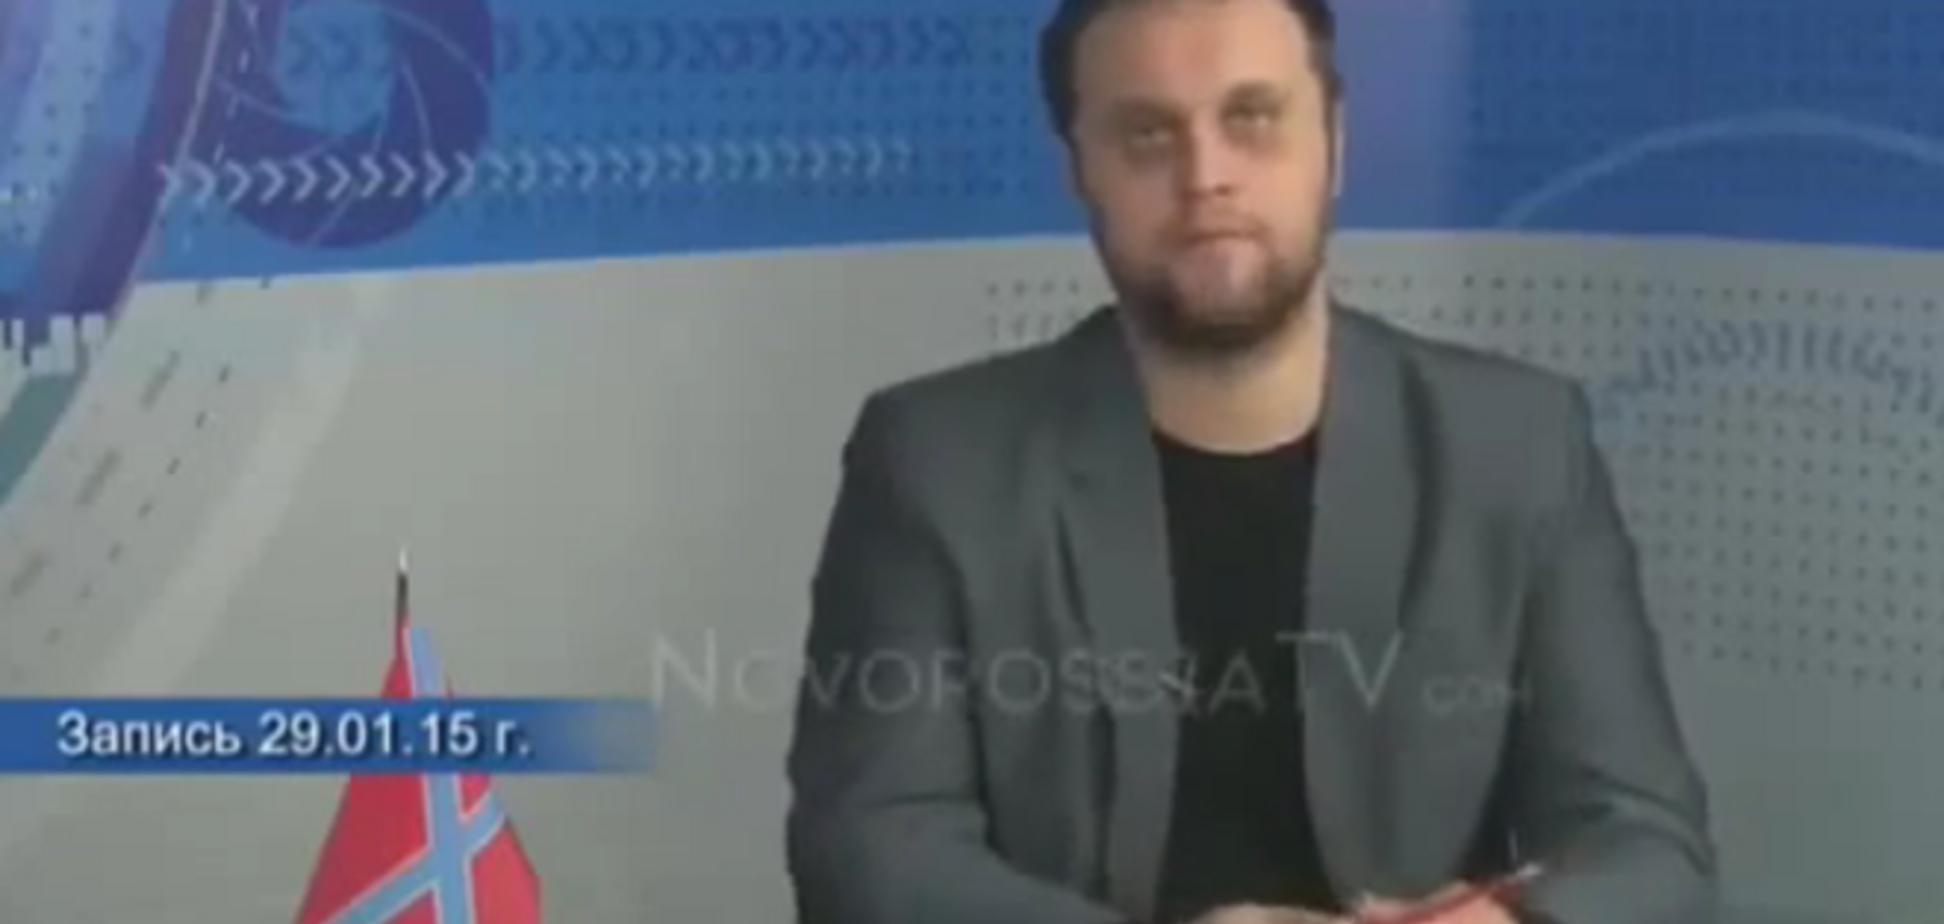 Появилось видео, как 'обкуренный'  Губарев окончательно потерялся между Донбассом и 'Новороссией'